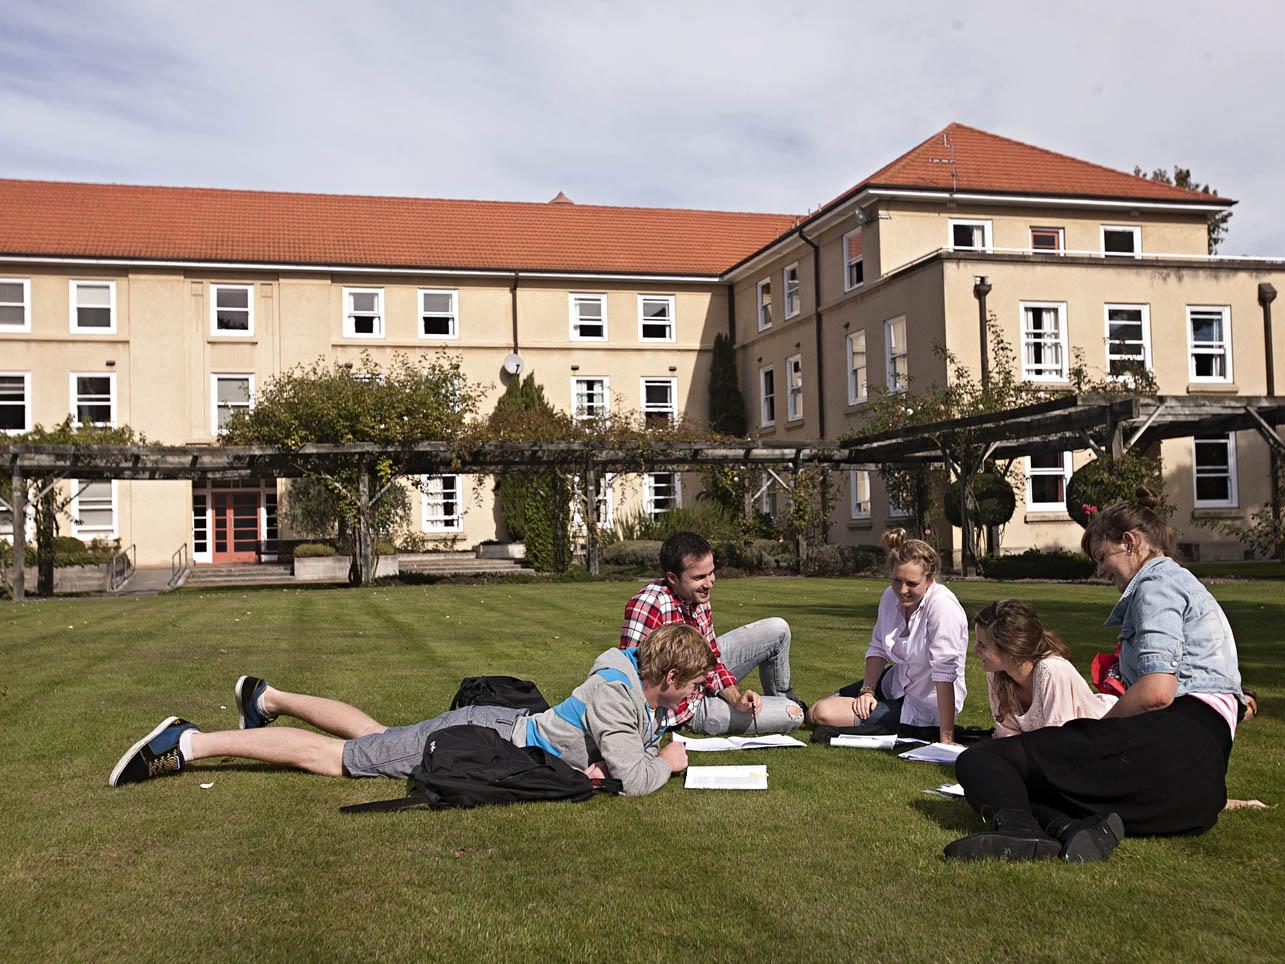 Университет Линкольна (Lincoln University)— Обучение за рубежом